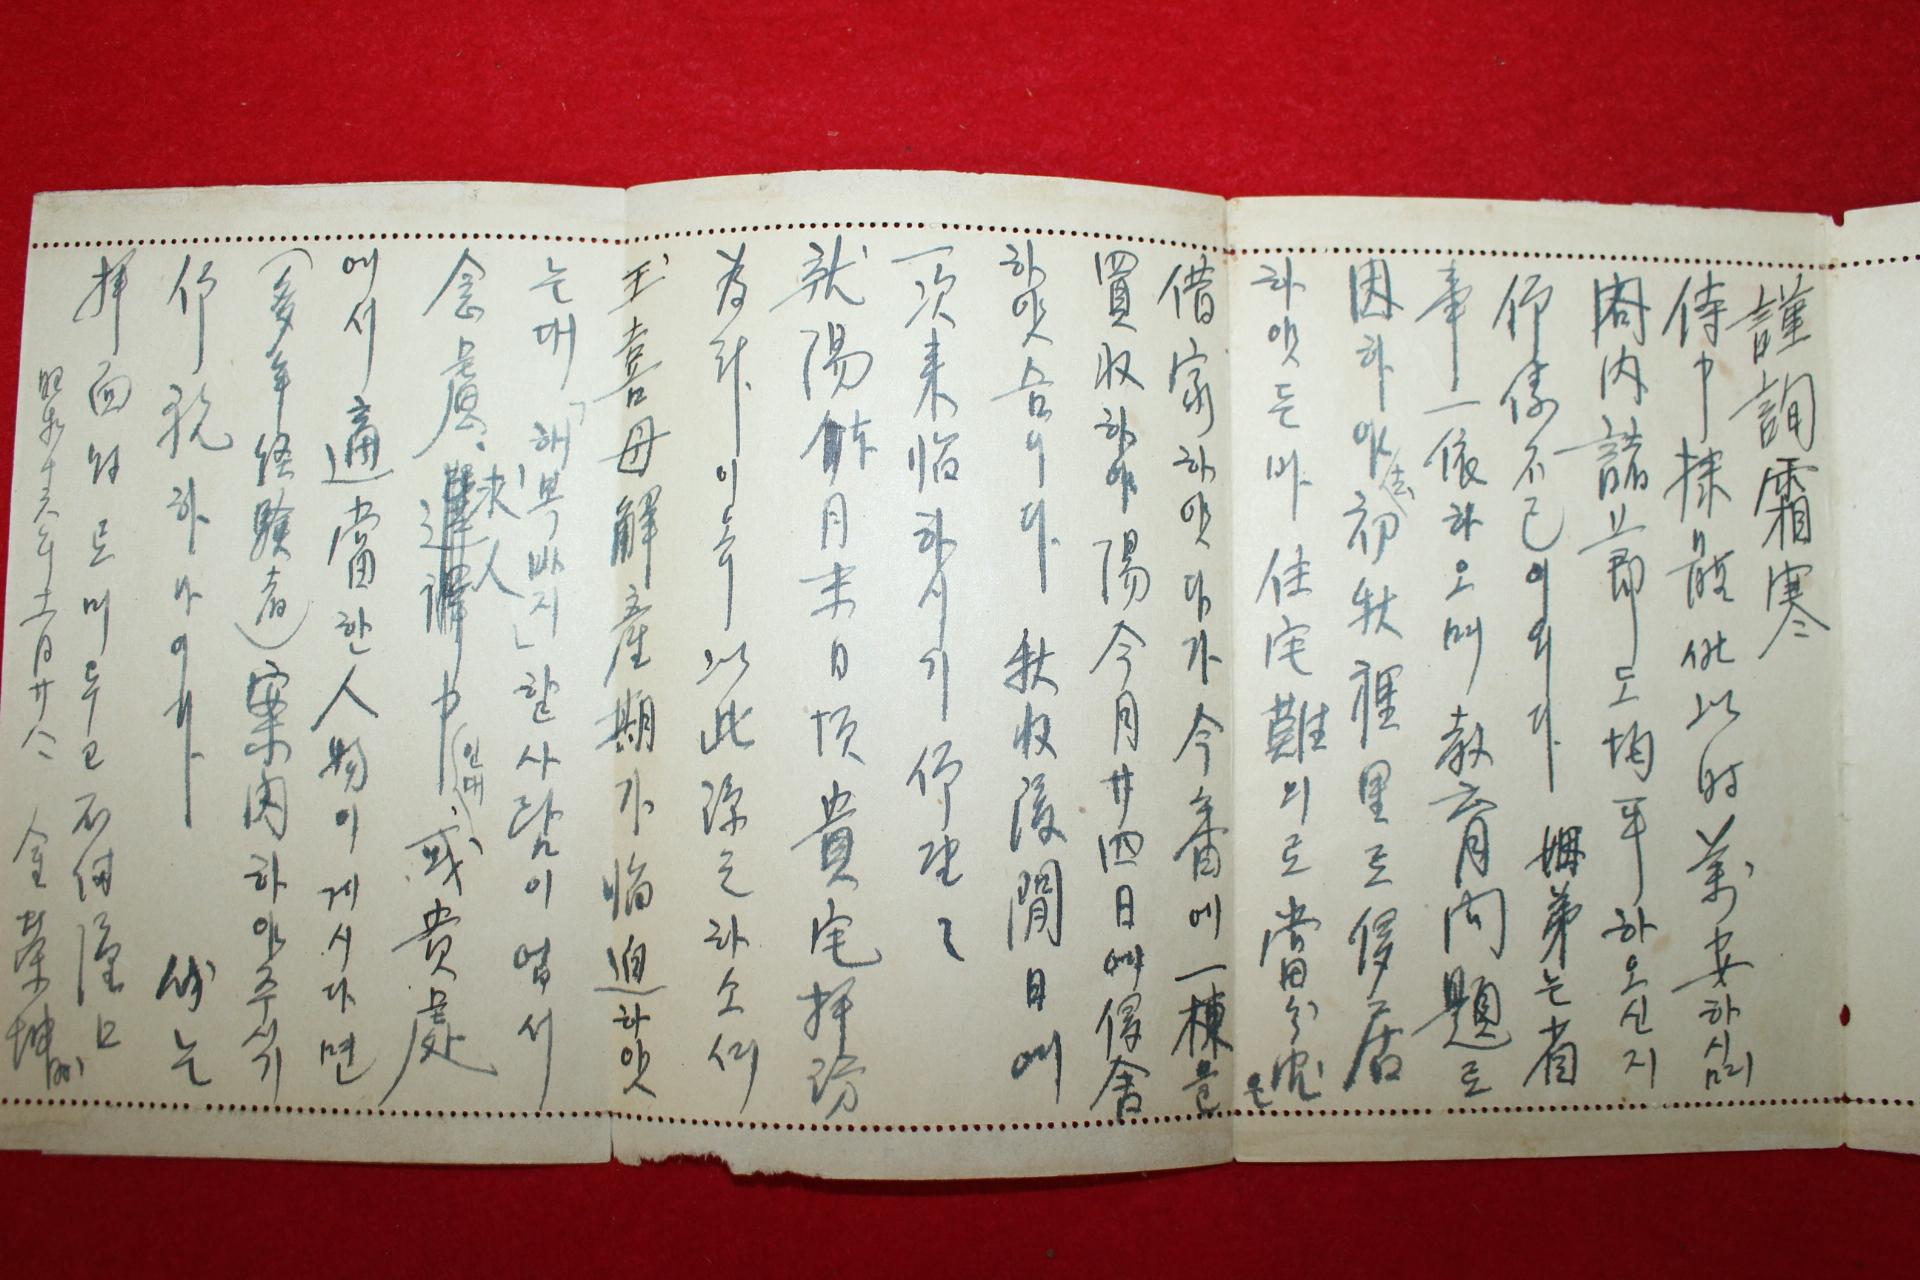 1941년(소화16년) 창원출신 독립운동가 김영곤(金榮坤) 편지